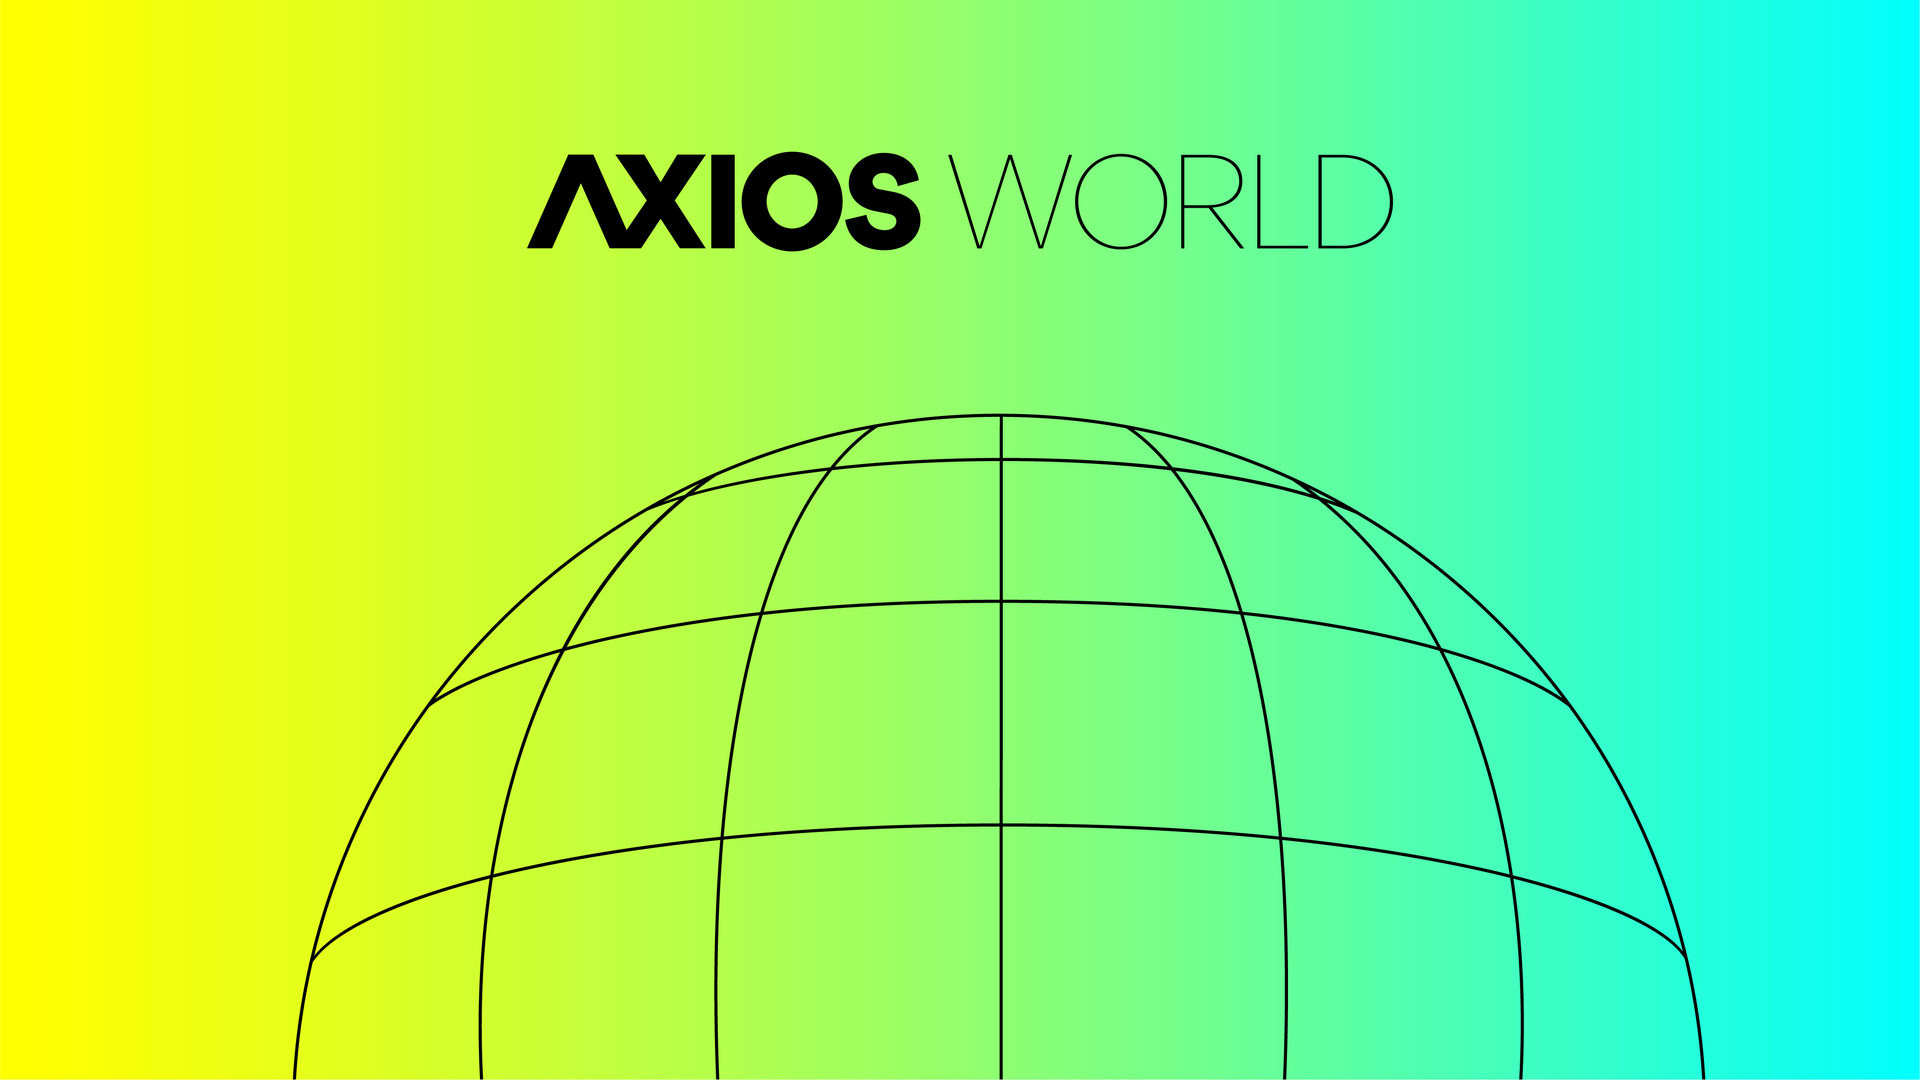 Axios world logo